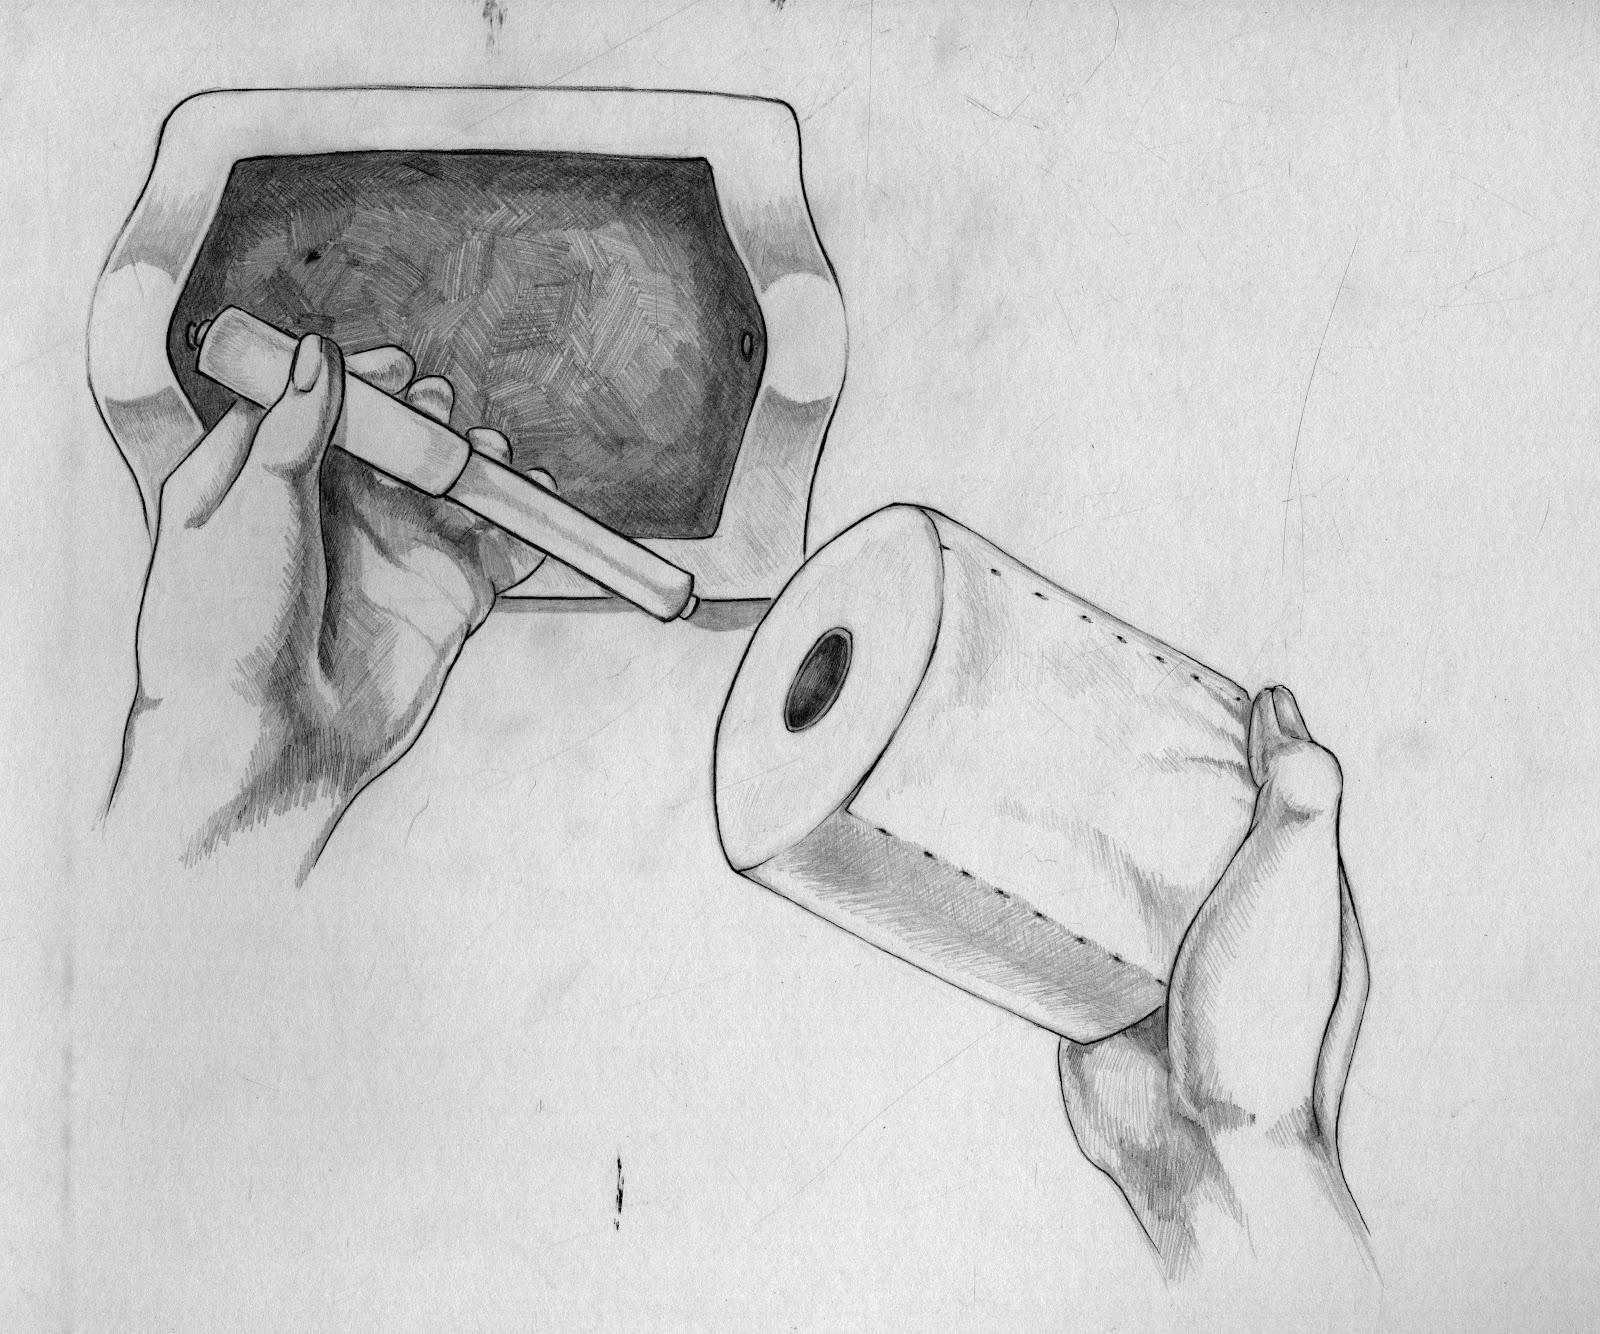 http://2.bp.blogspot.com/-OC08dT1tY4c/UFuXq_dLXtI/AAAAAAAAA3M/HuJPzXVtjpw/s1600/toilet+roll+2+raw.jpg